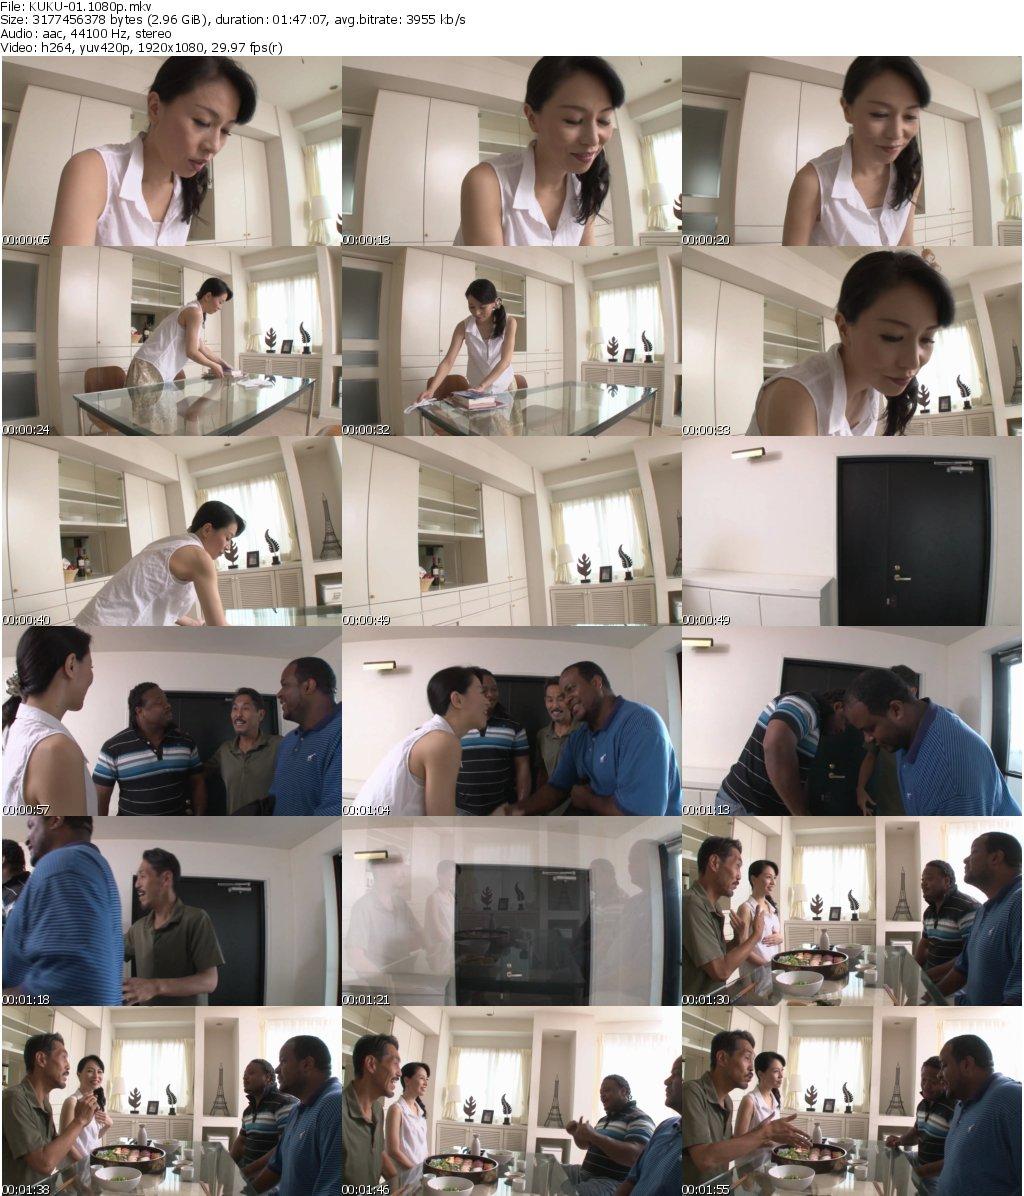 [KUKU-01] 黒人ホームステイ デカマラにハマッた母 井上綾子 近親相姦 Incest